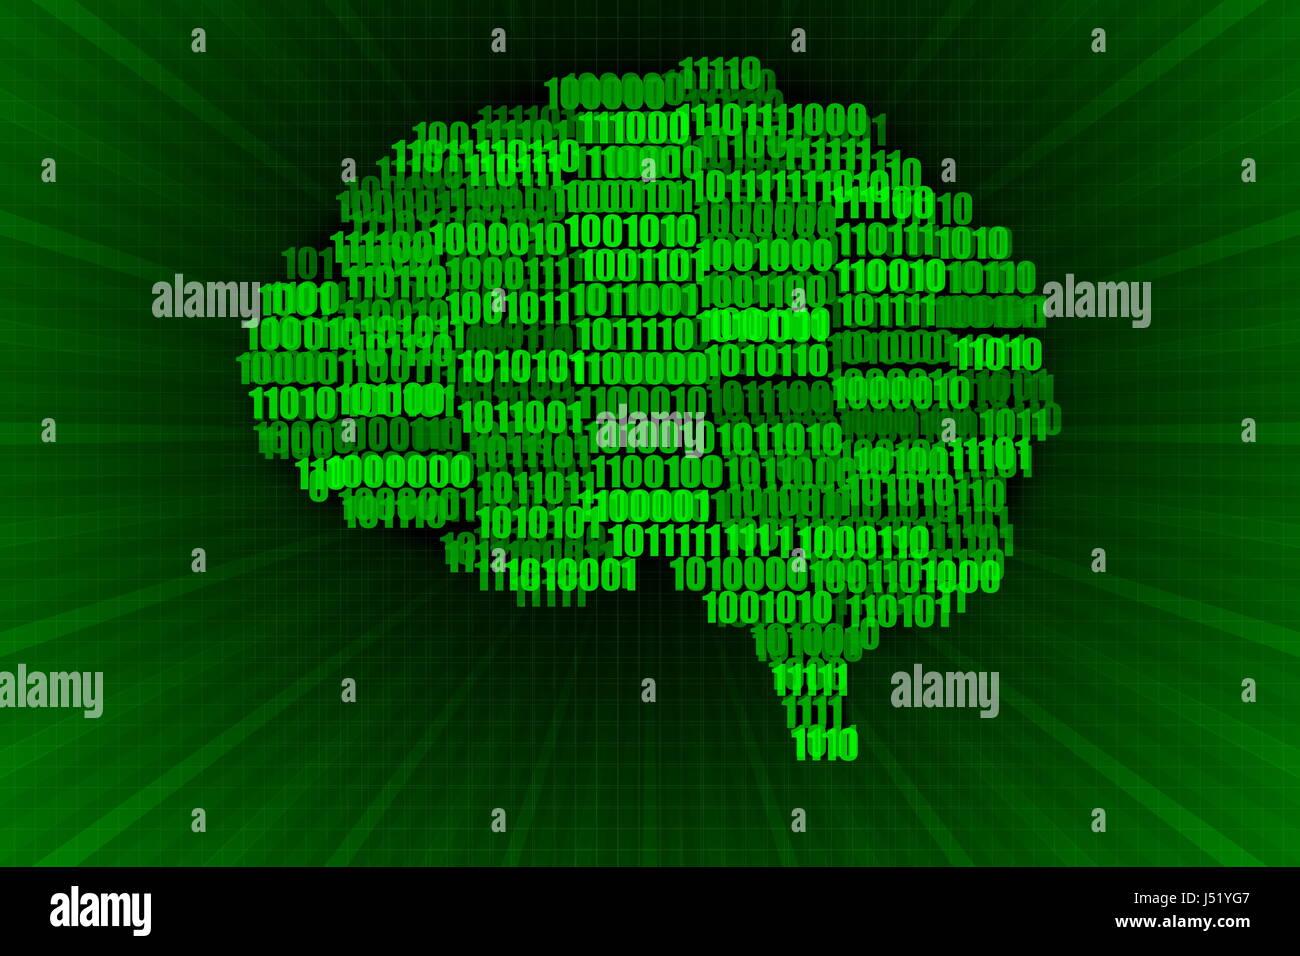 Livre Vert sur noir cerveau numérique Concept Illustration Photo Stock